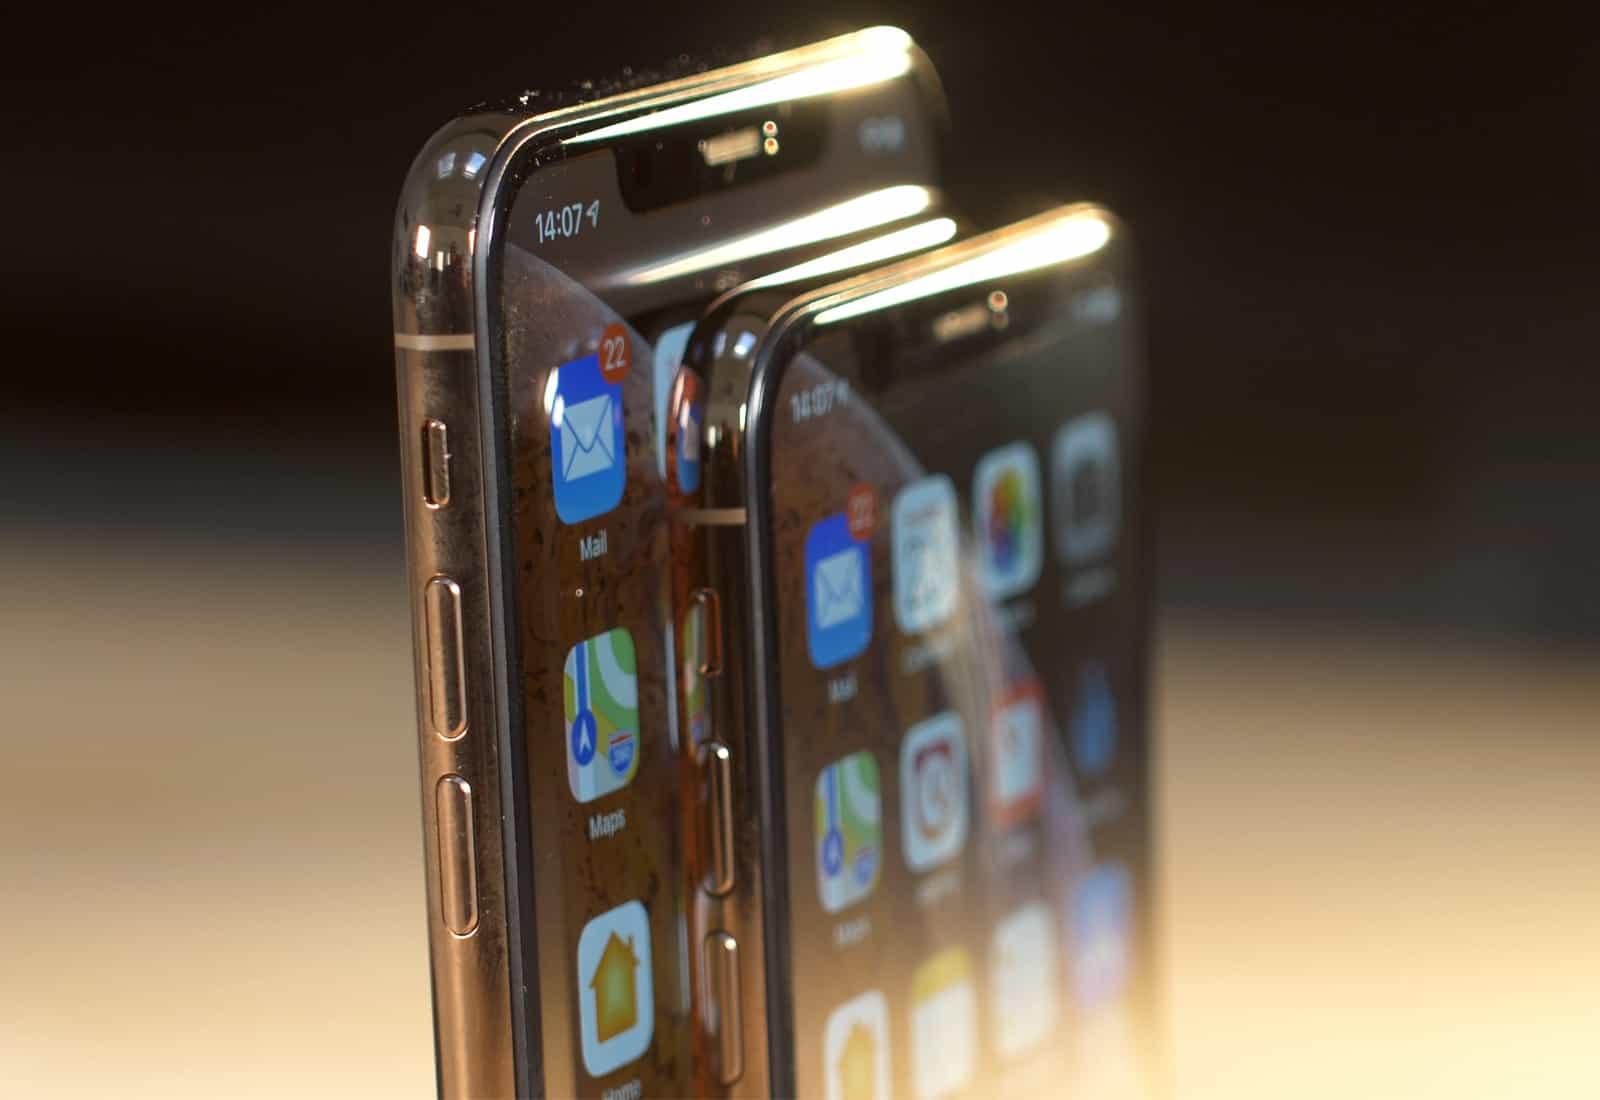 OLED iPhones